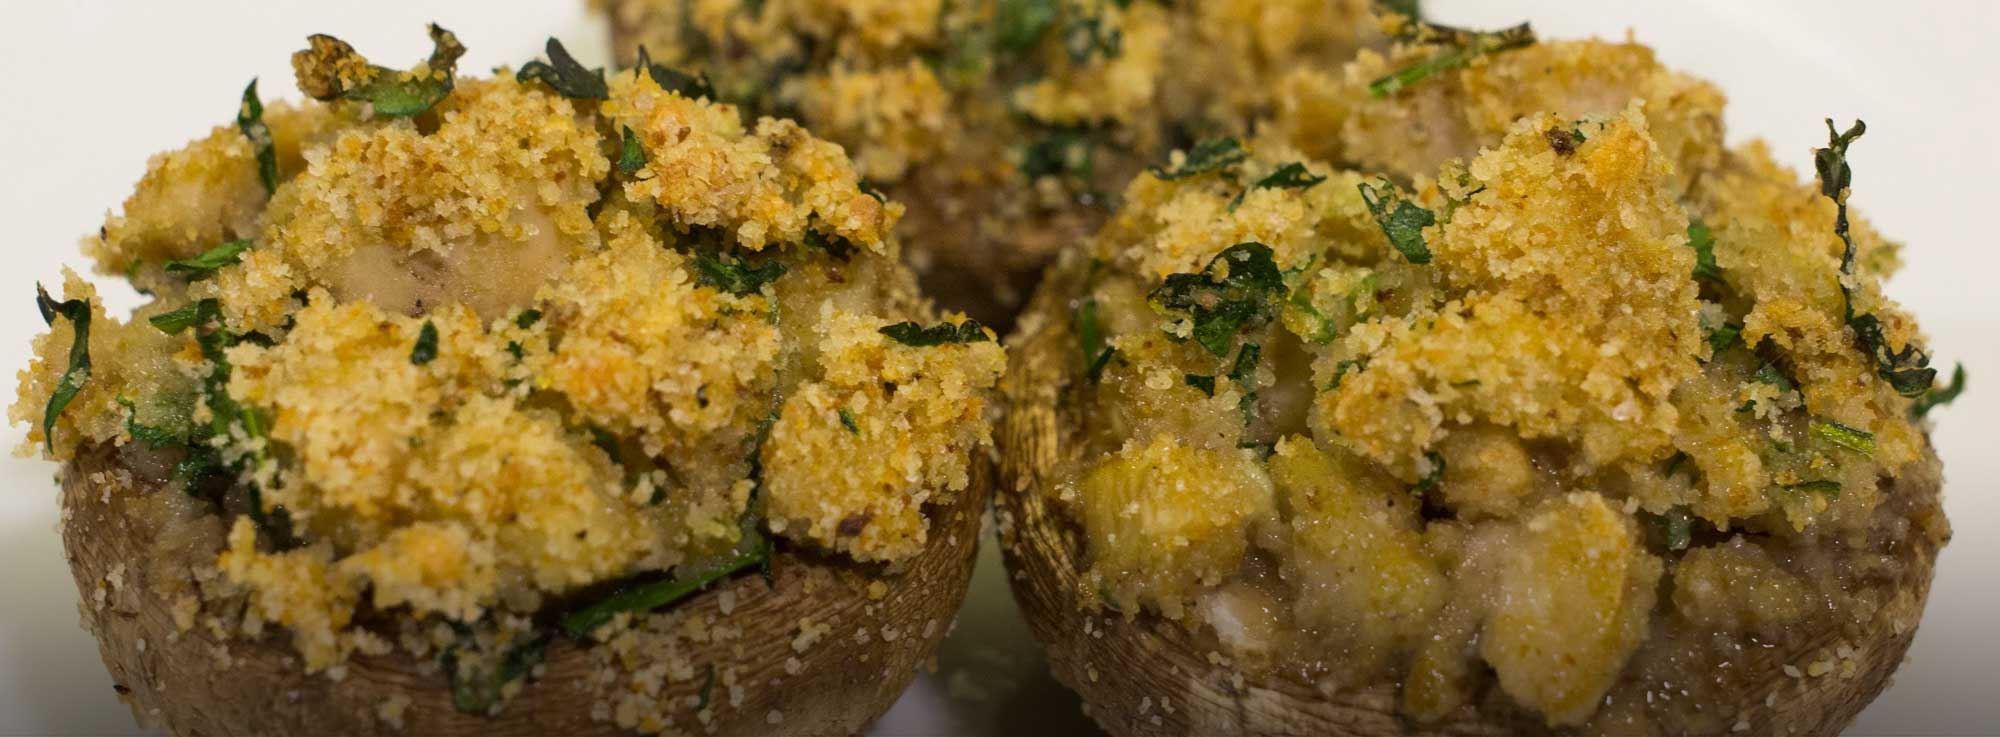 Ricetta: Funghi champignon ripieni, gratinati al forno